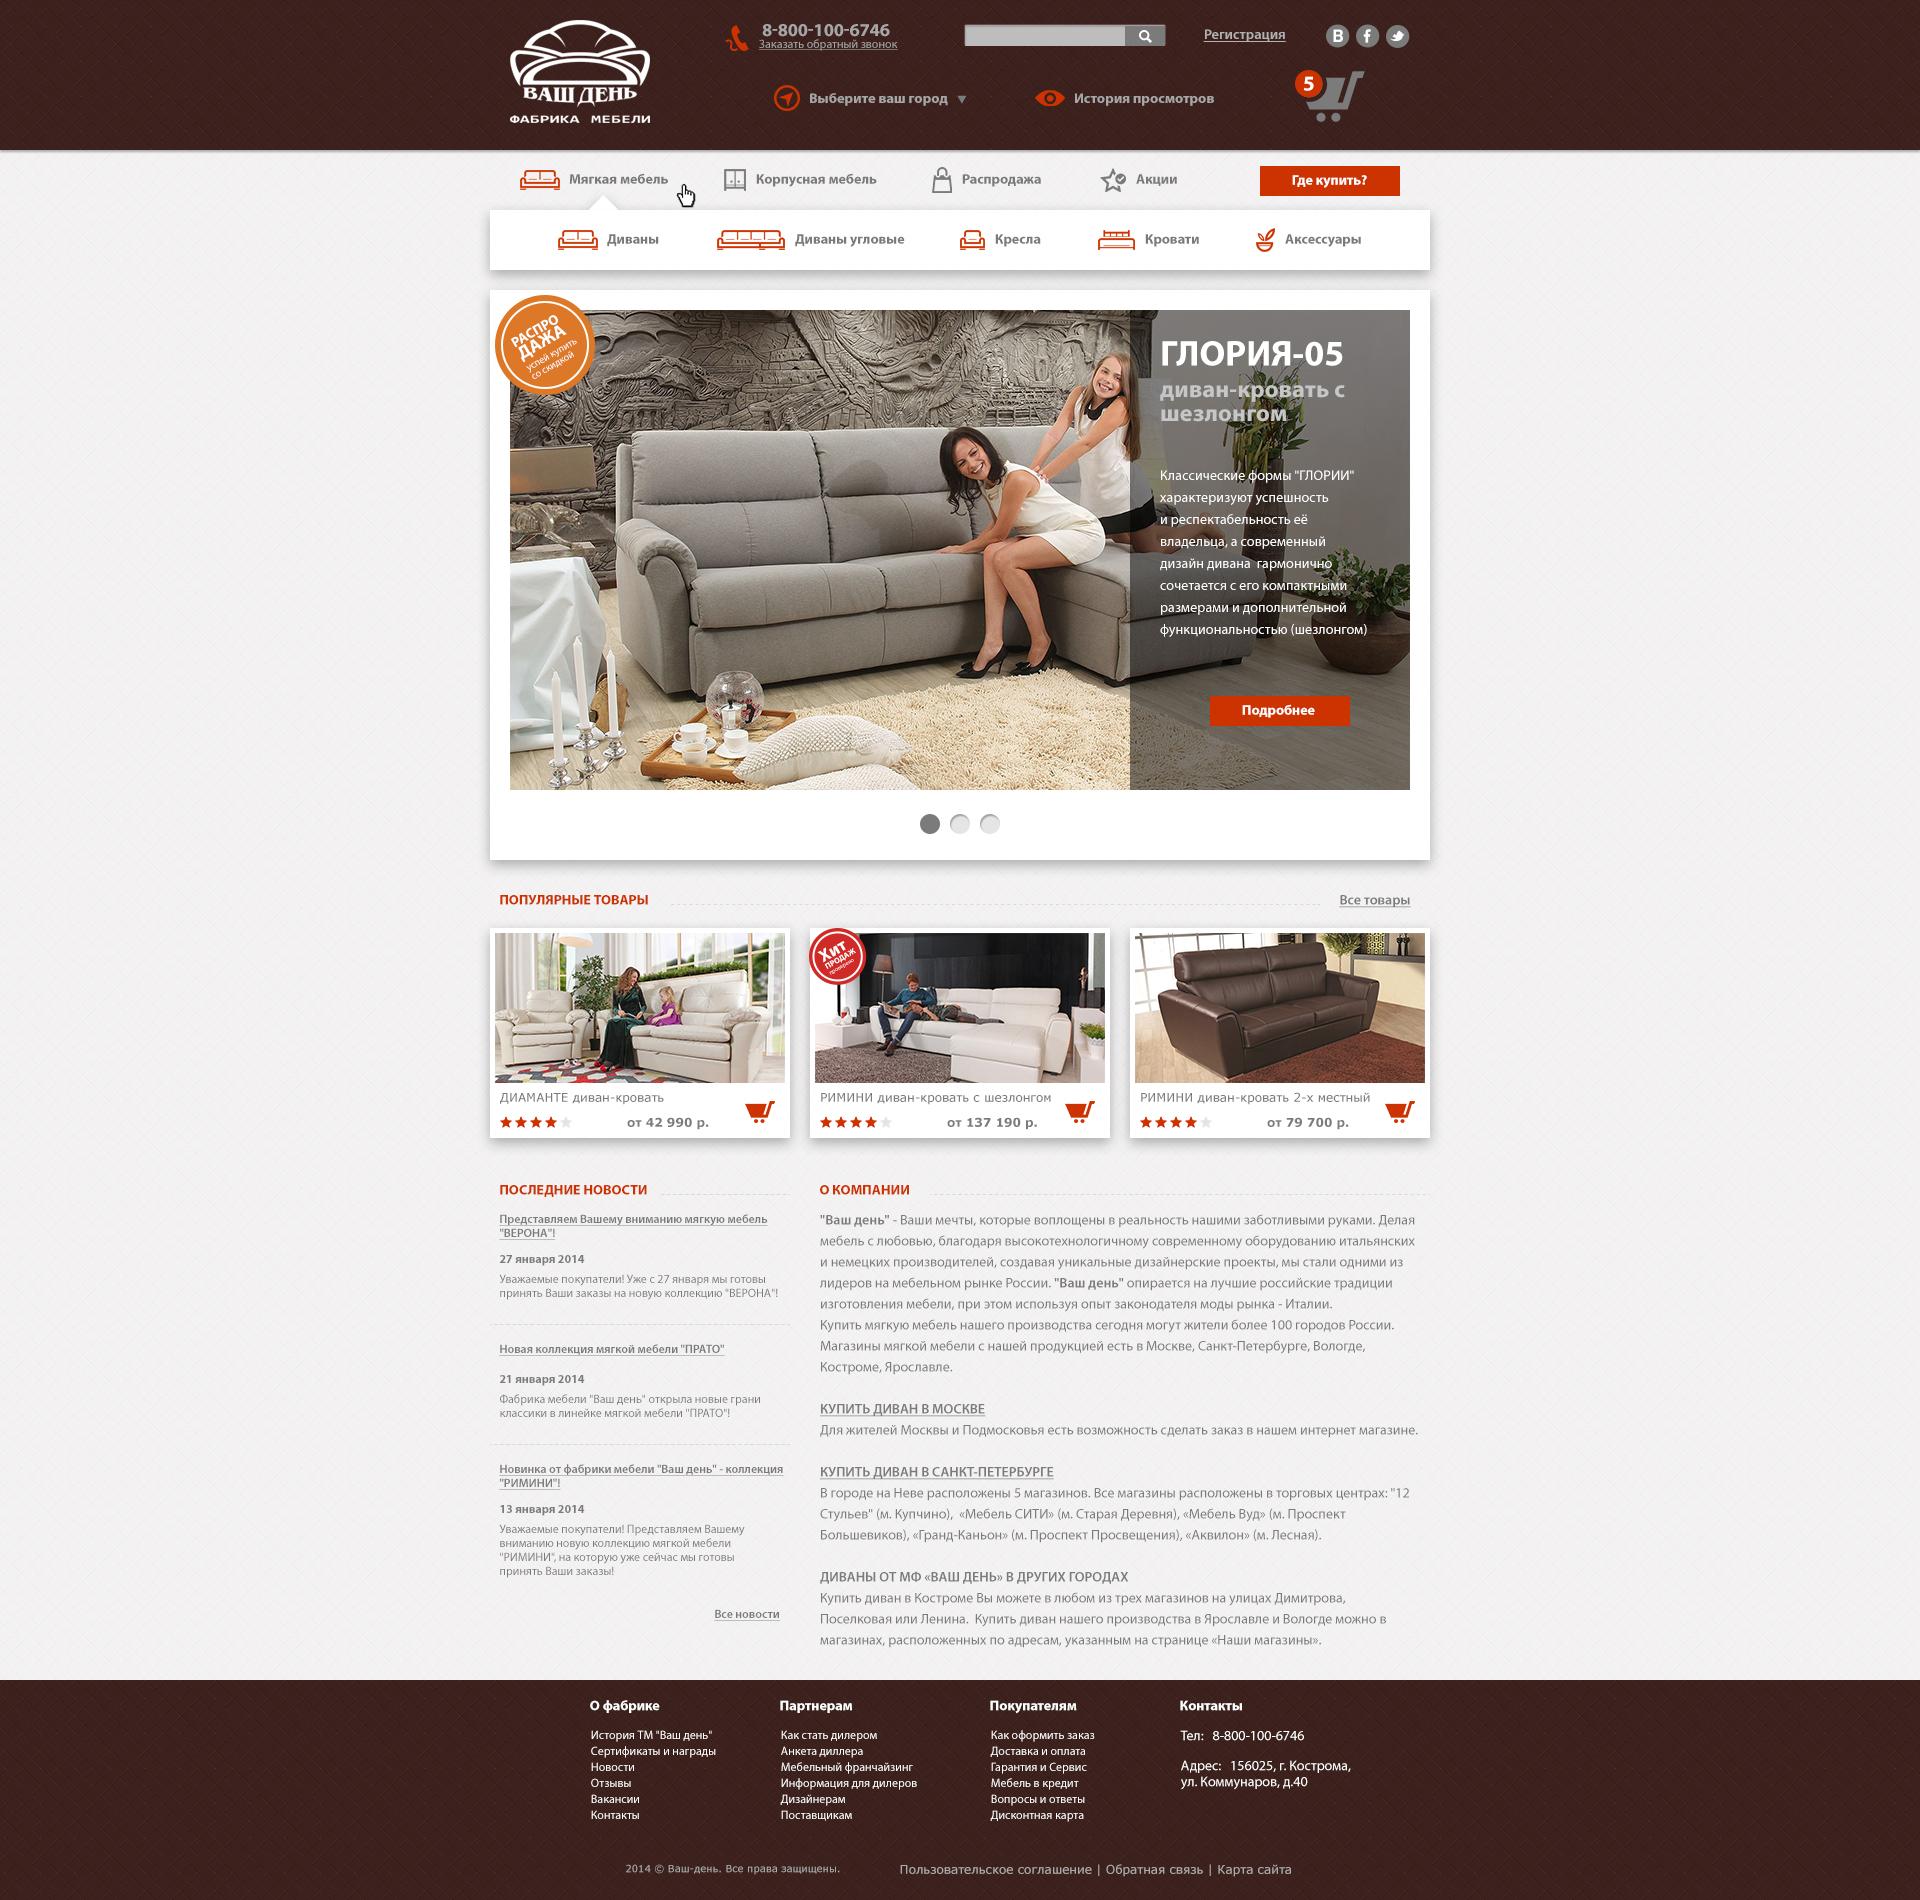 Разработать дизайн для интернет-магазина мебели фото f_57252f2c37d12e6e.jpg